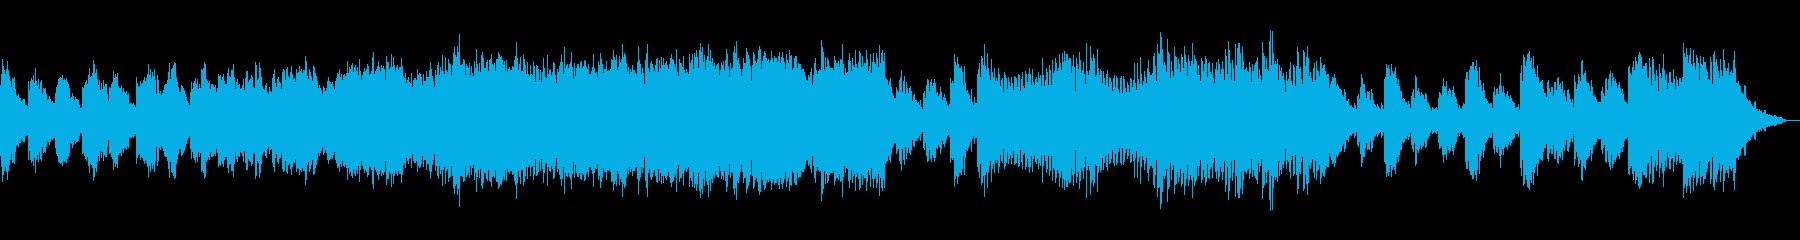 弦楽器の神秘的なサウンドの再生済みの波形